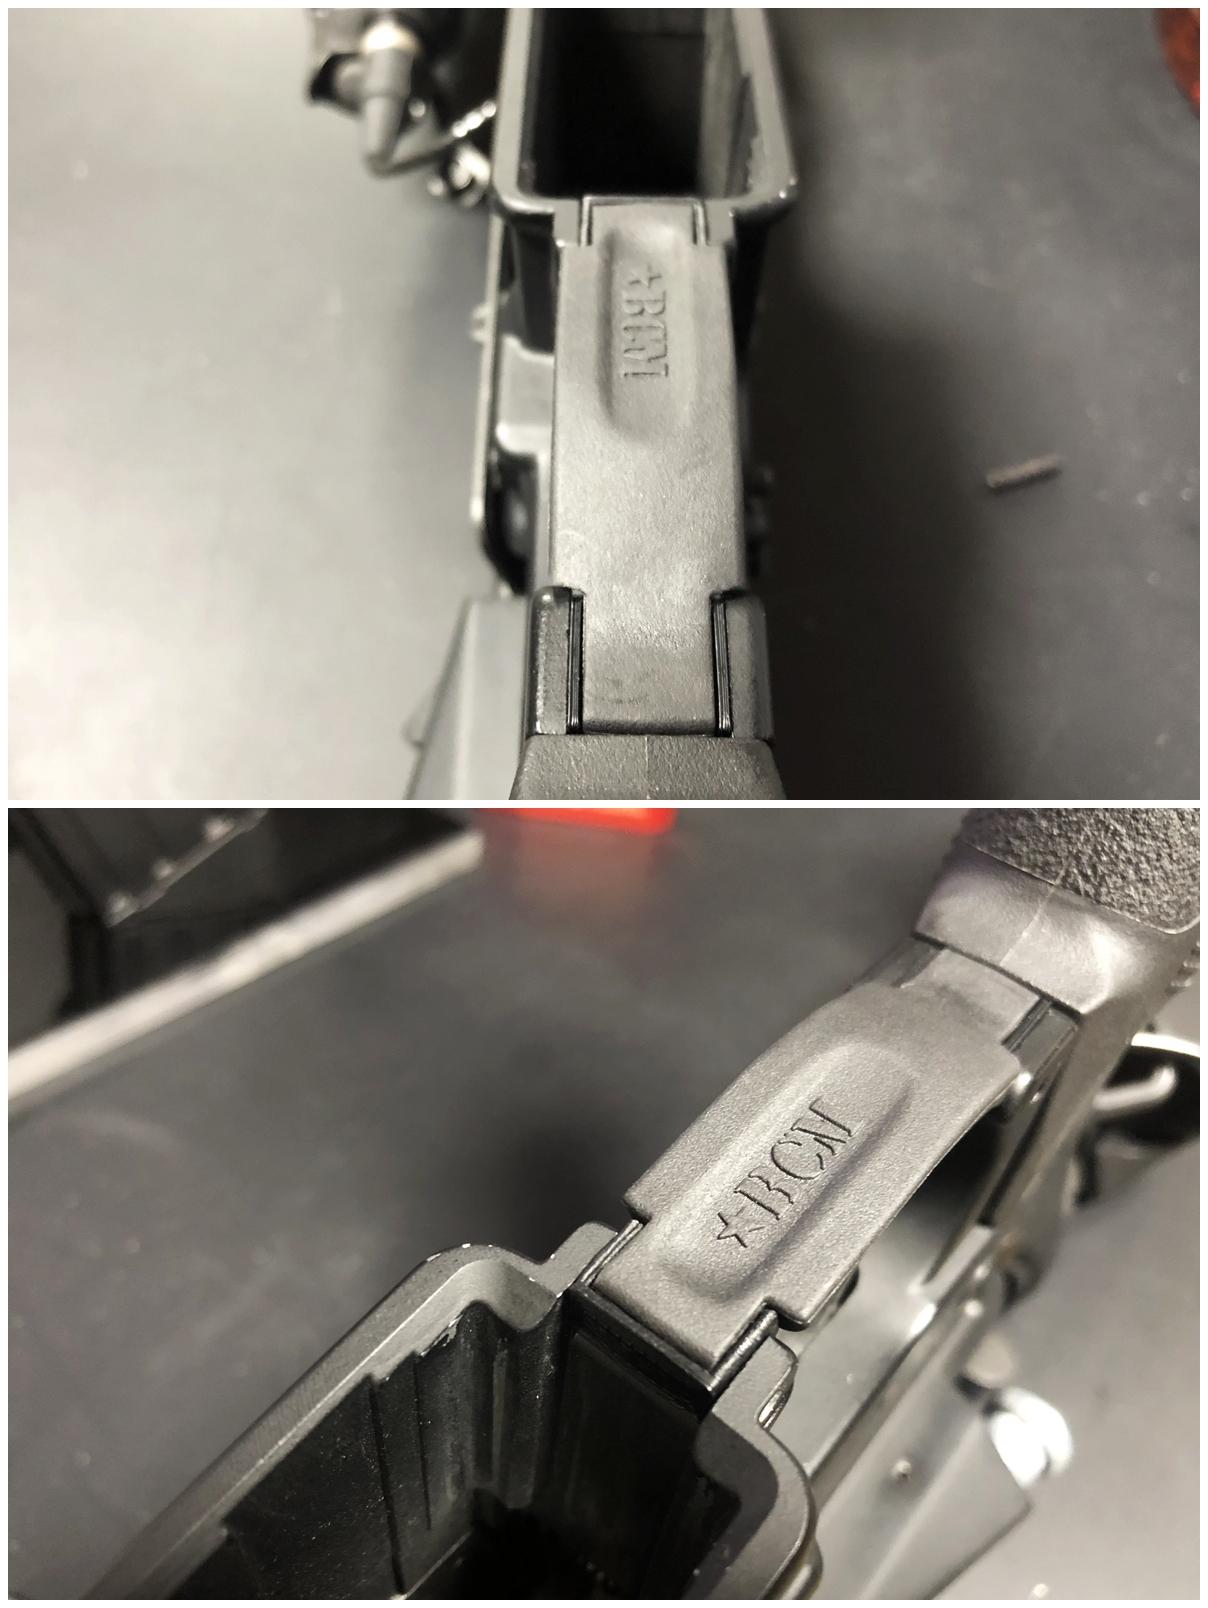 16 実物 BCM GUNFIGHTER TRIGGR GUARD MOD 0 ガンファイタートリガーガード 次世代電動ガンに実物トリガーガードを取付けてやる!! 開封 3Dプリント DIY 加工 交換 取付 正規品 新品 カスタム レビュー